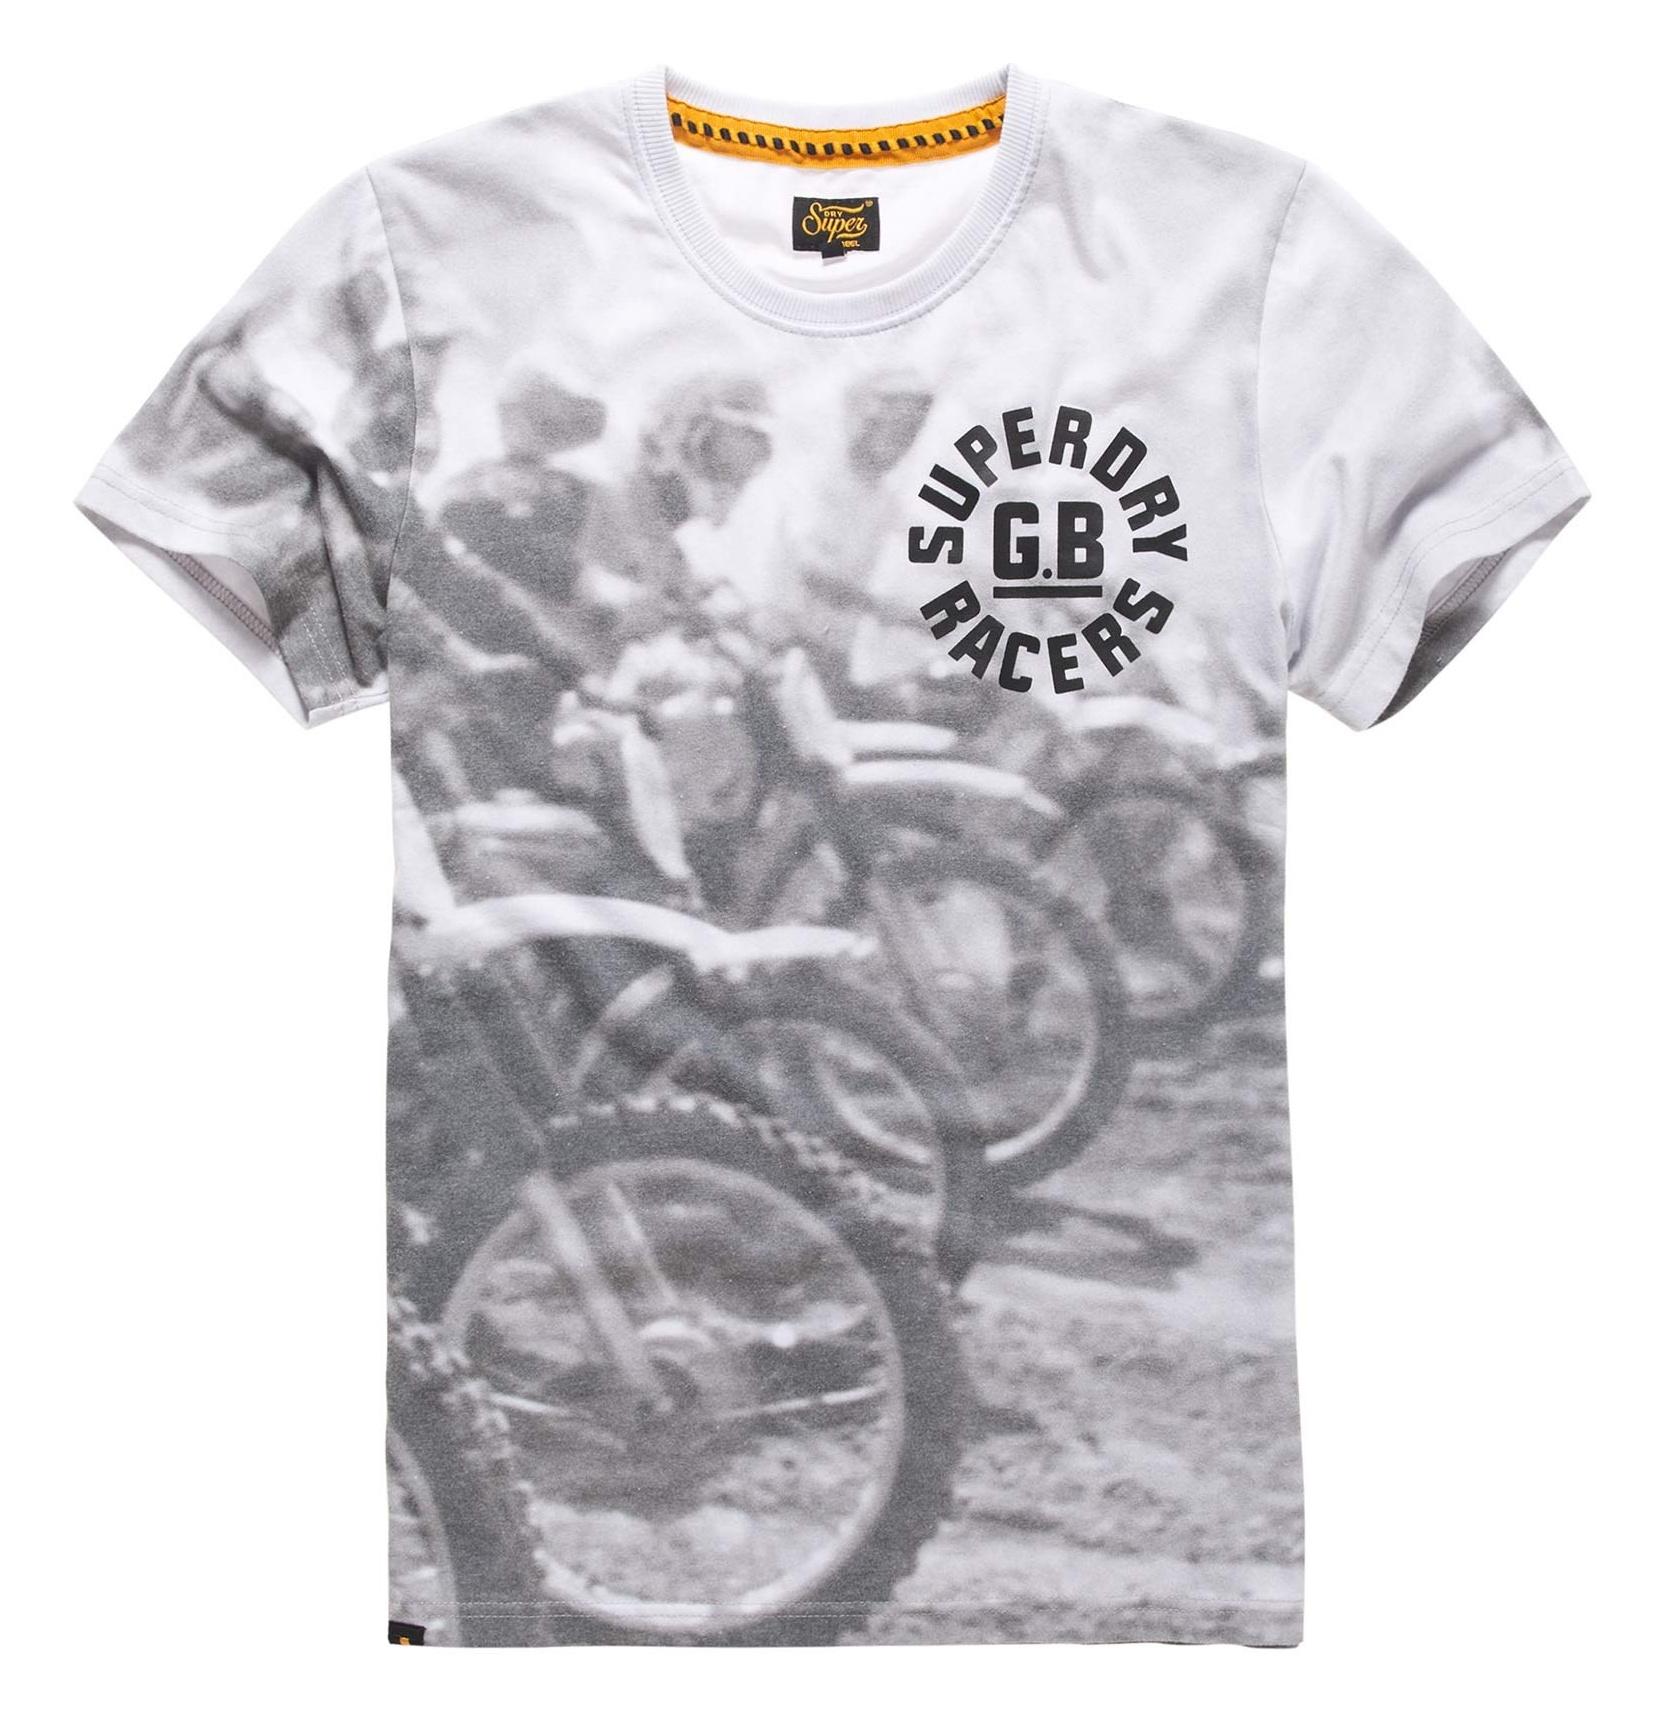 تی شرت یقه گرد مردانه - سوپردرای - طوسي تيره - 4